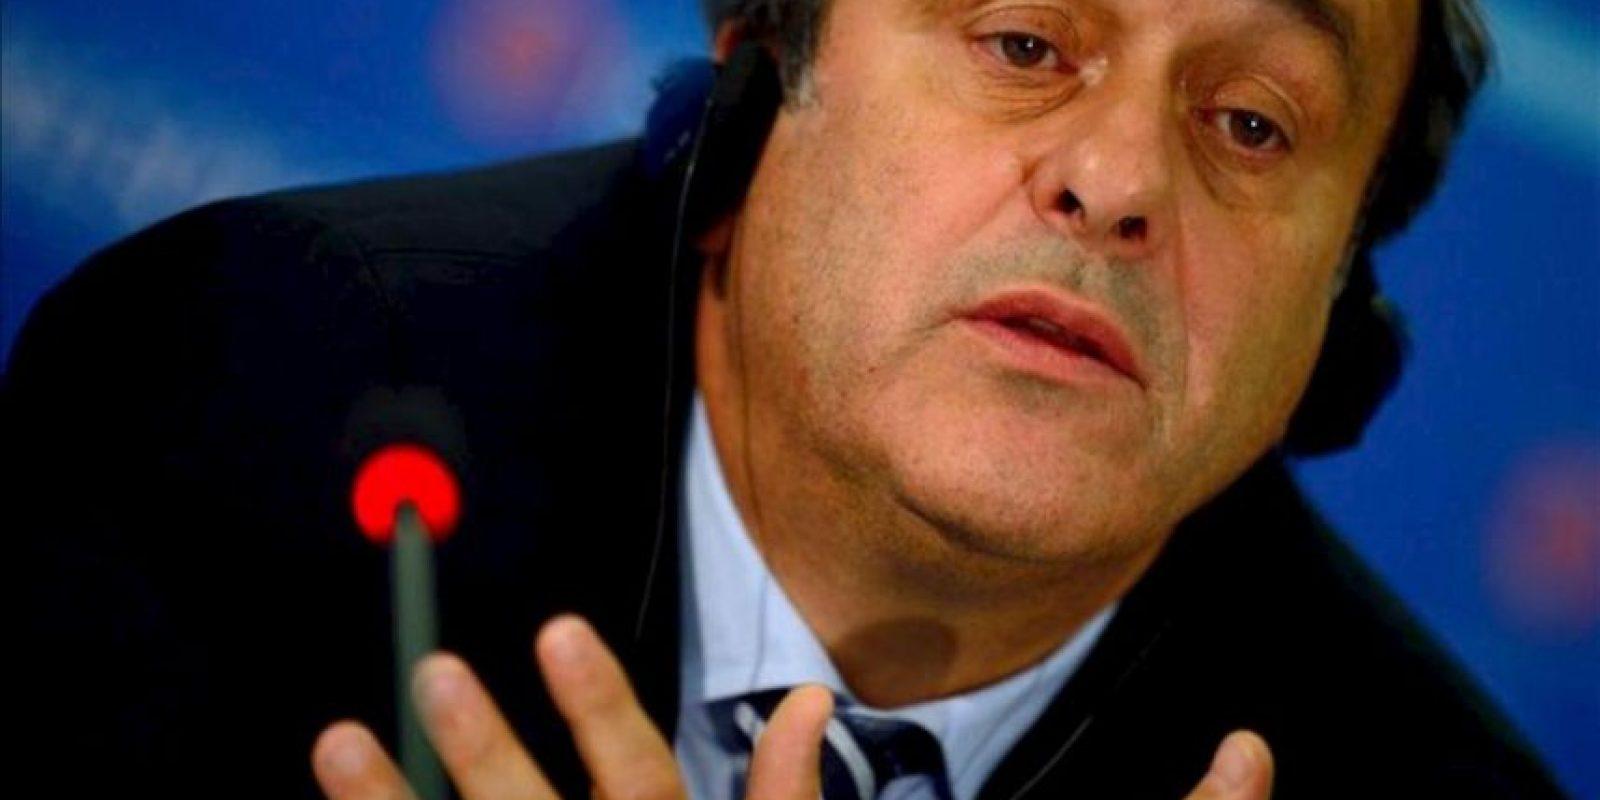 El presidente de la UEFA, Michel Platini durante una rueda de prensa celebrada en Sofía, Bulgaria hoy 28 de marzo de 2013 con motivo de la reunión del Comité Ejecutivo de dicho organismo que fijó el reglamento para la presentación de candidaturas a la Eurocopa 2020, torneo que se jugará en trece ciudades de países distintos. EFE